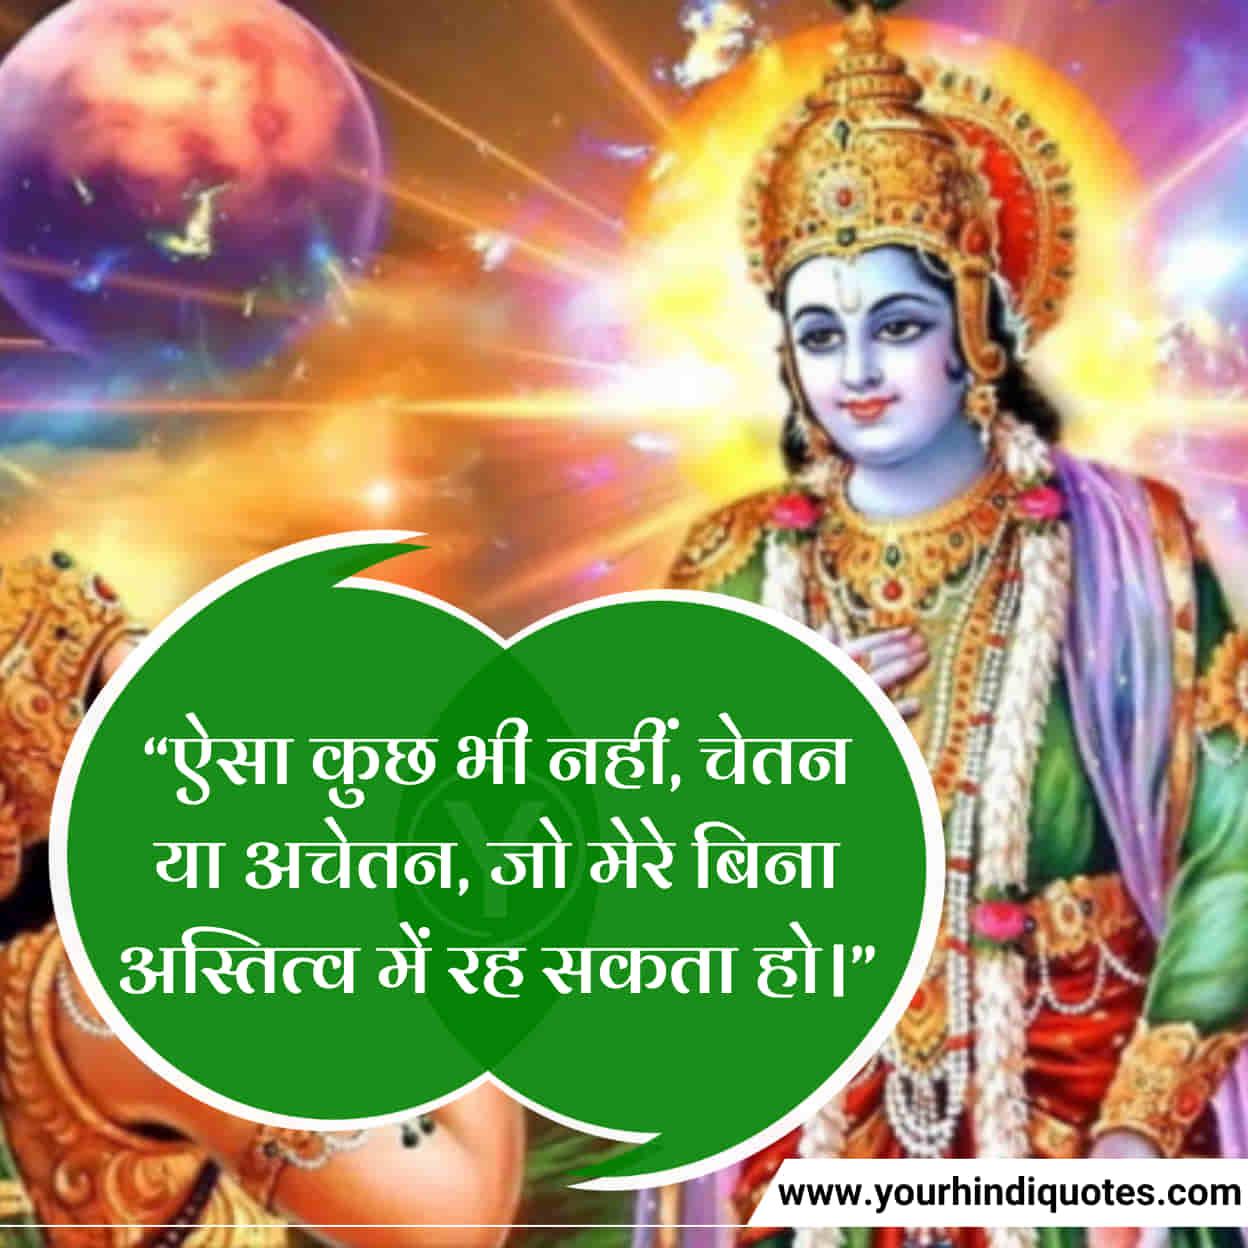 Hindi Bhagwat Gita Quotes